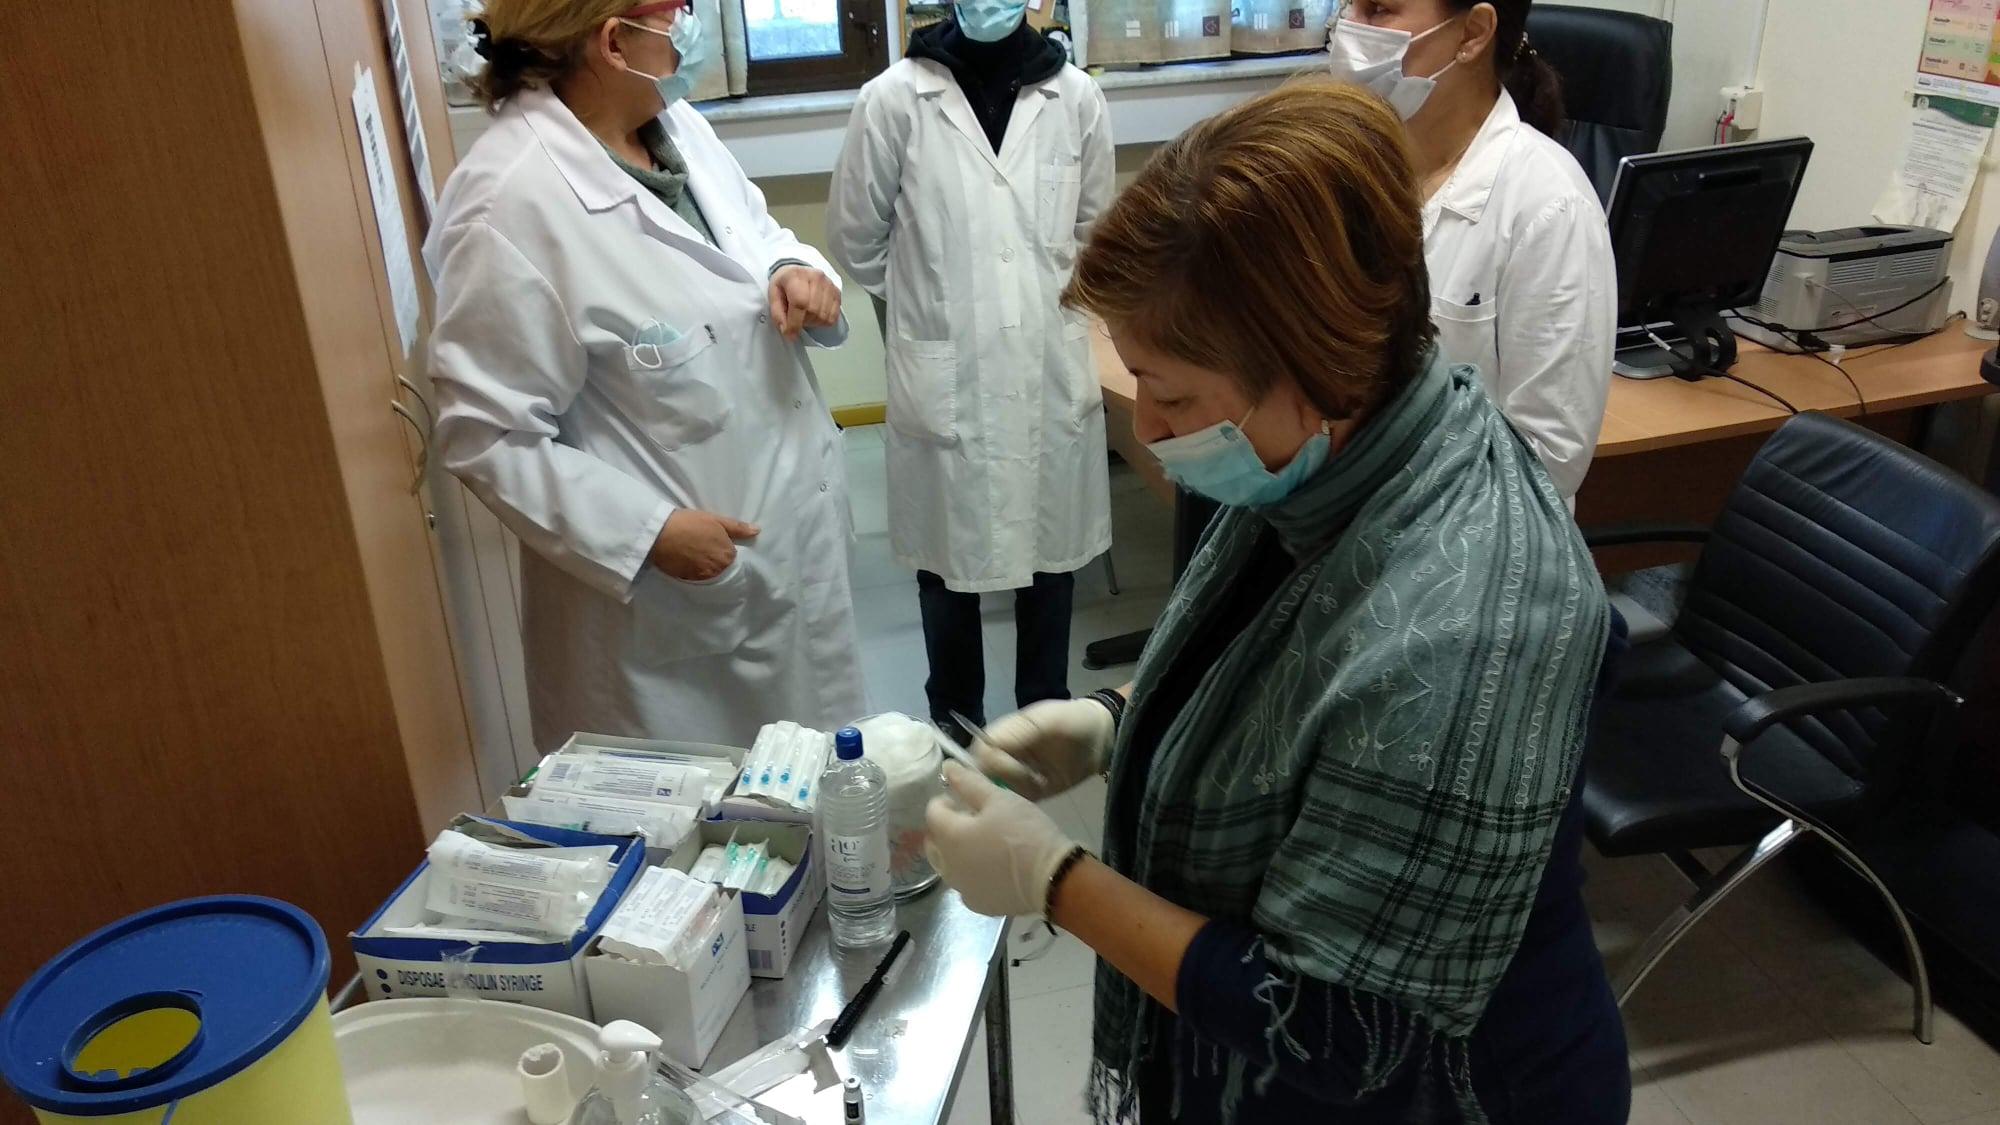 772 εμβολιασμοί στην Ξάνθη – 4 νέα κρούσματα ανακοίνωσε ο ΕΟΔΥ